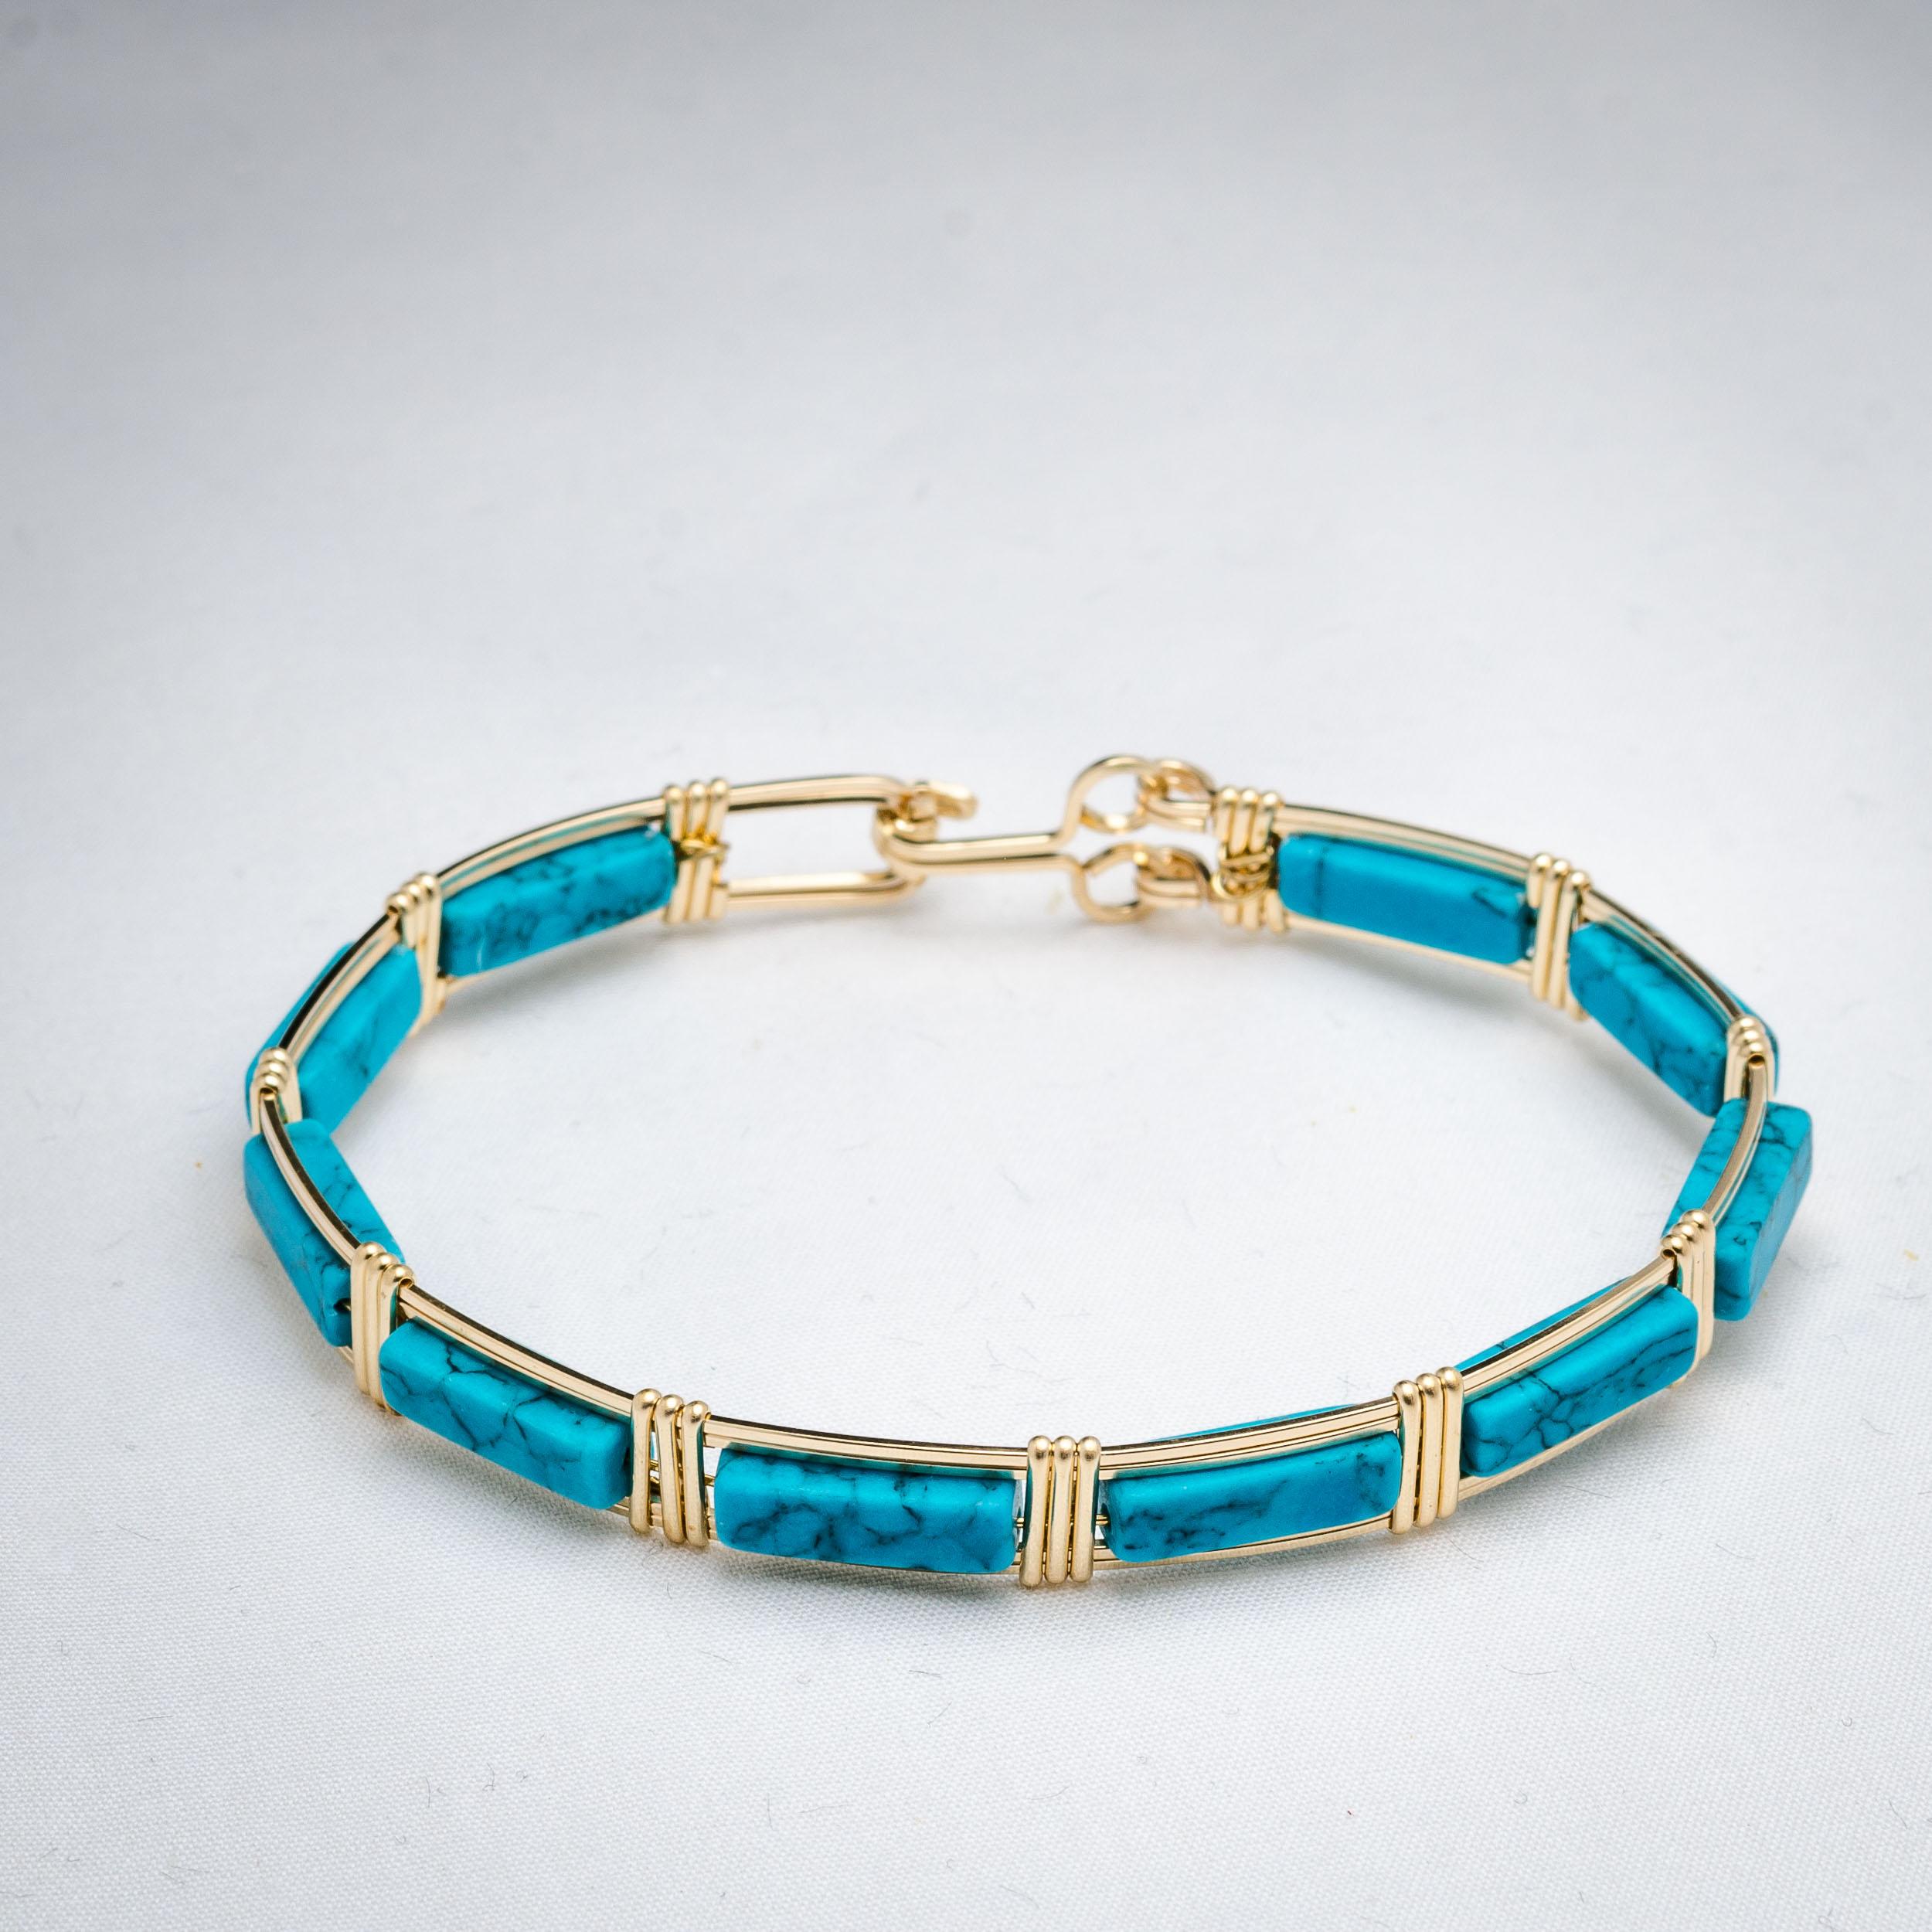 Bracelet_124.JPG